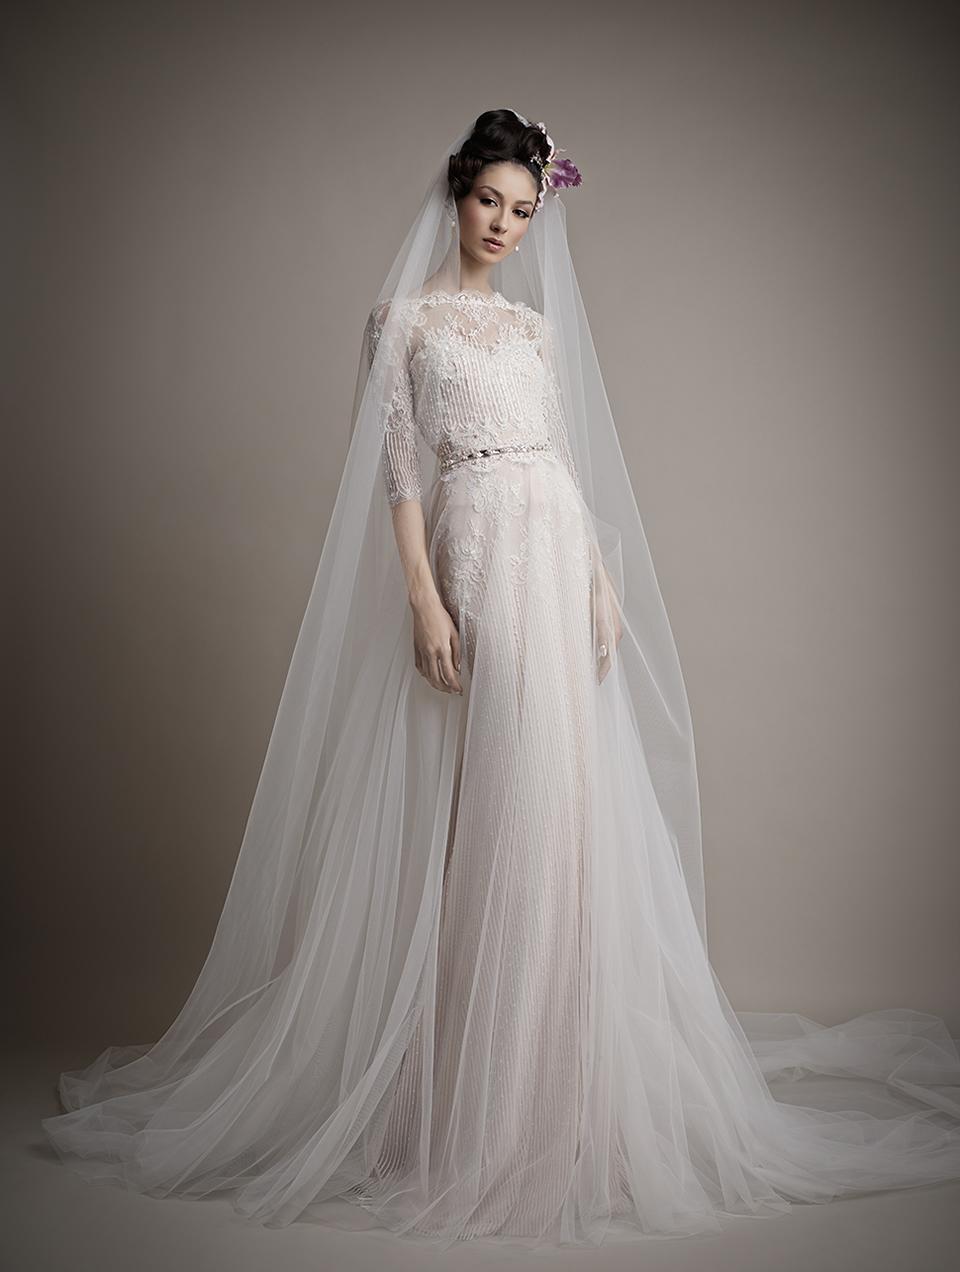 Коллекция свадебных платьев 2015 года от Ersa Atelier16